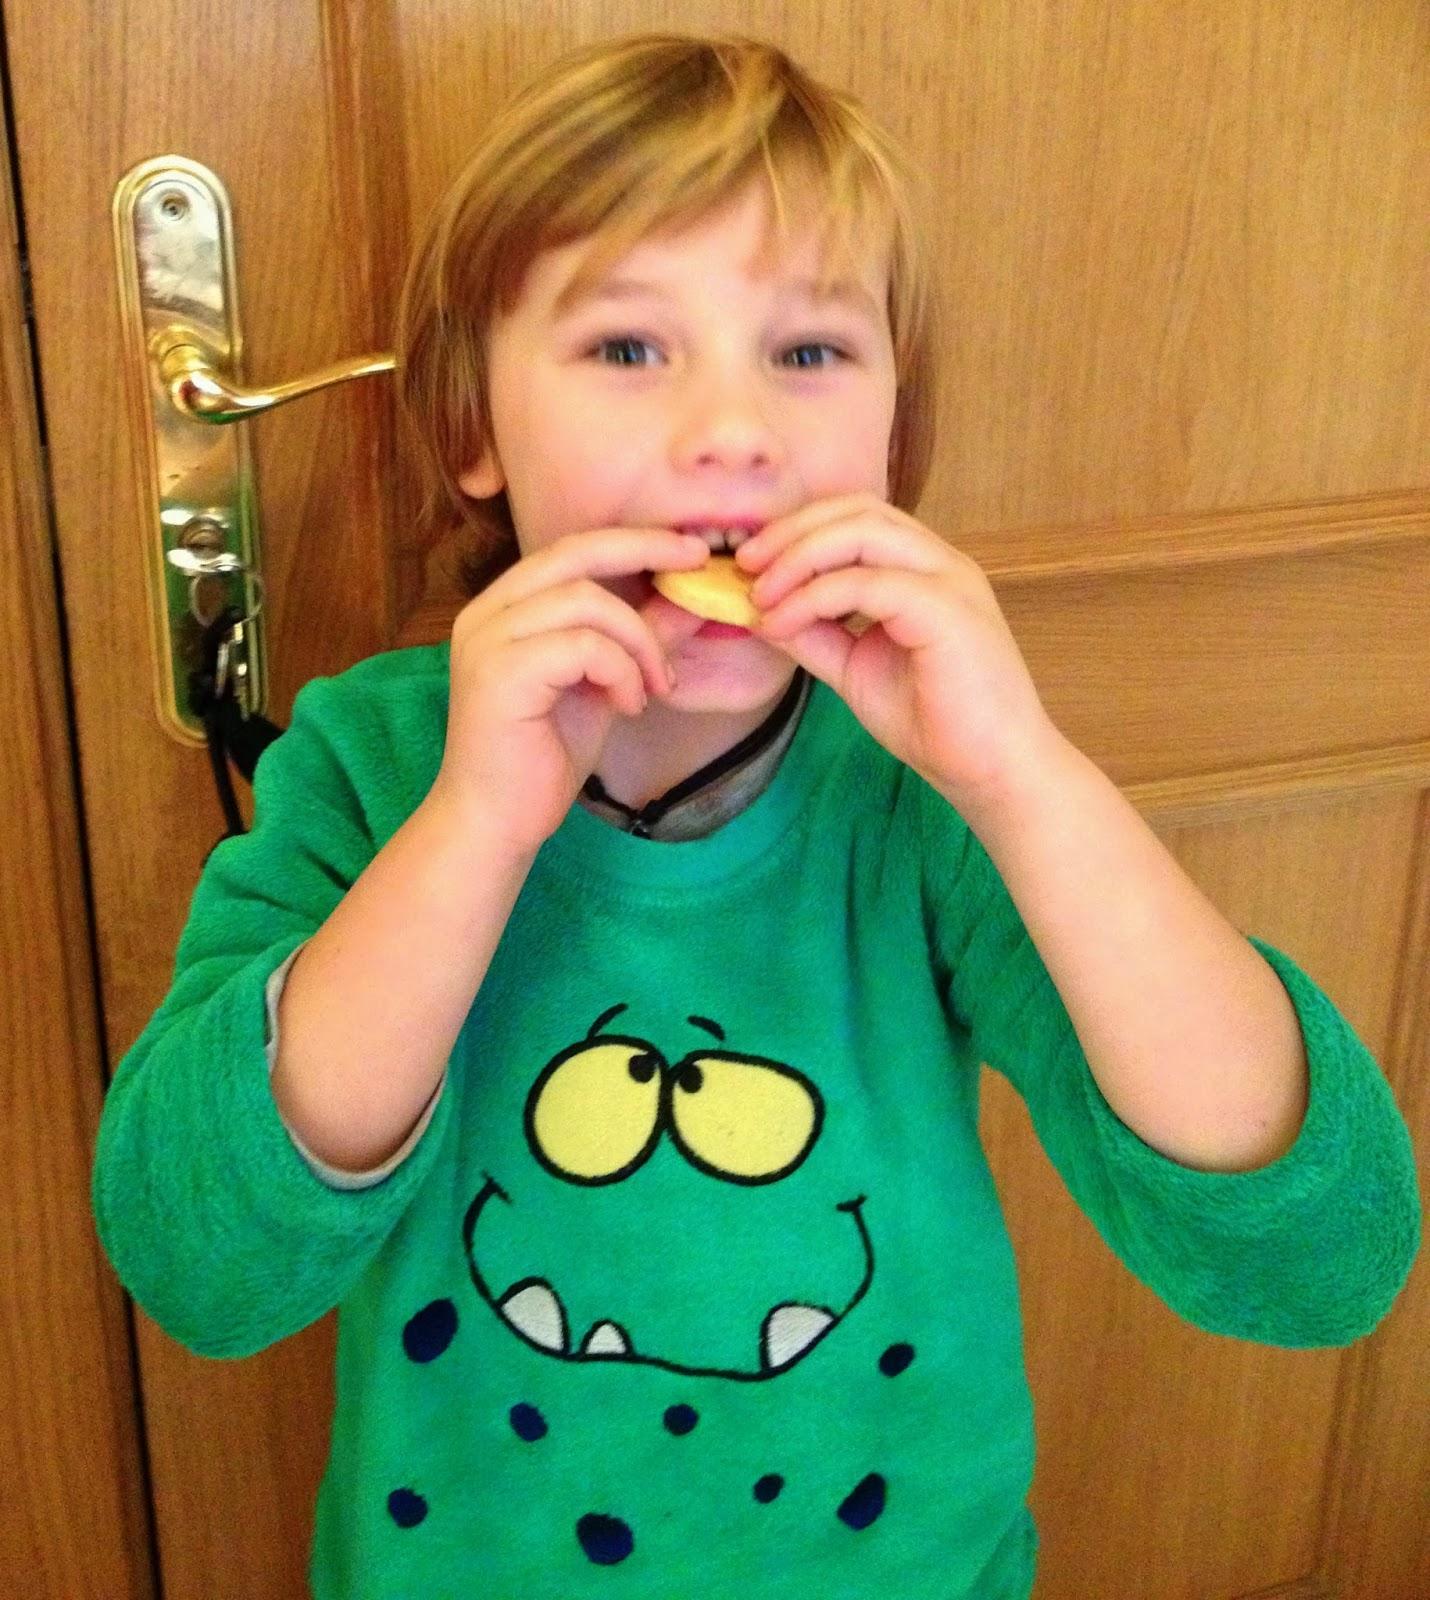 Asturias con niños, a dónde vamos hoy? Cocinando: Galletas de mantequilla